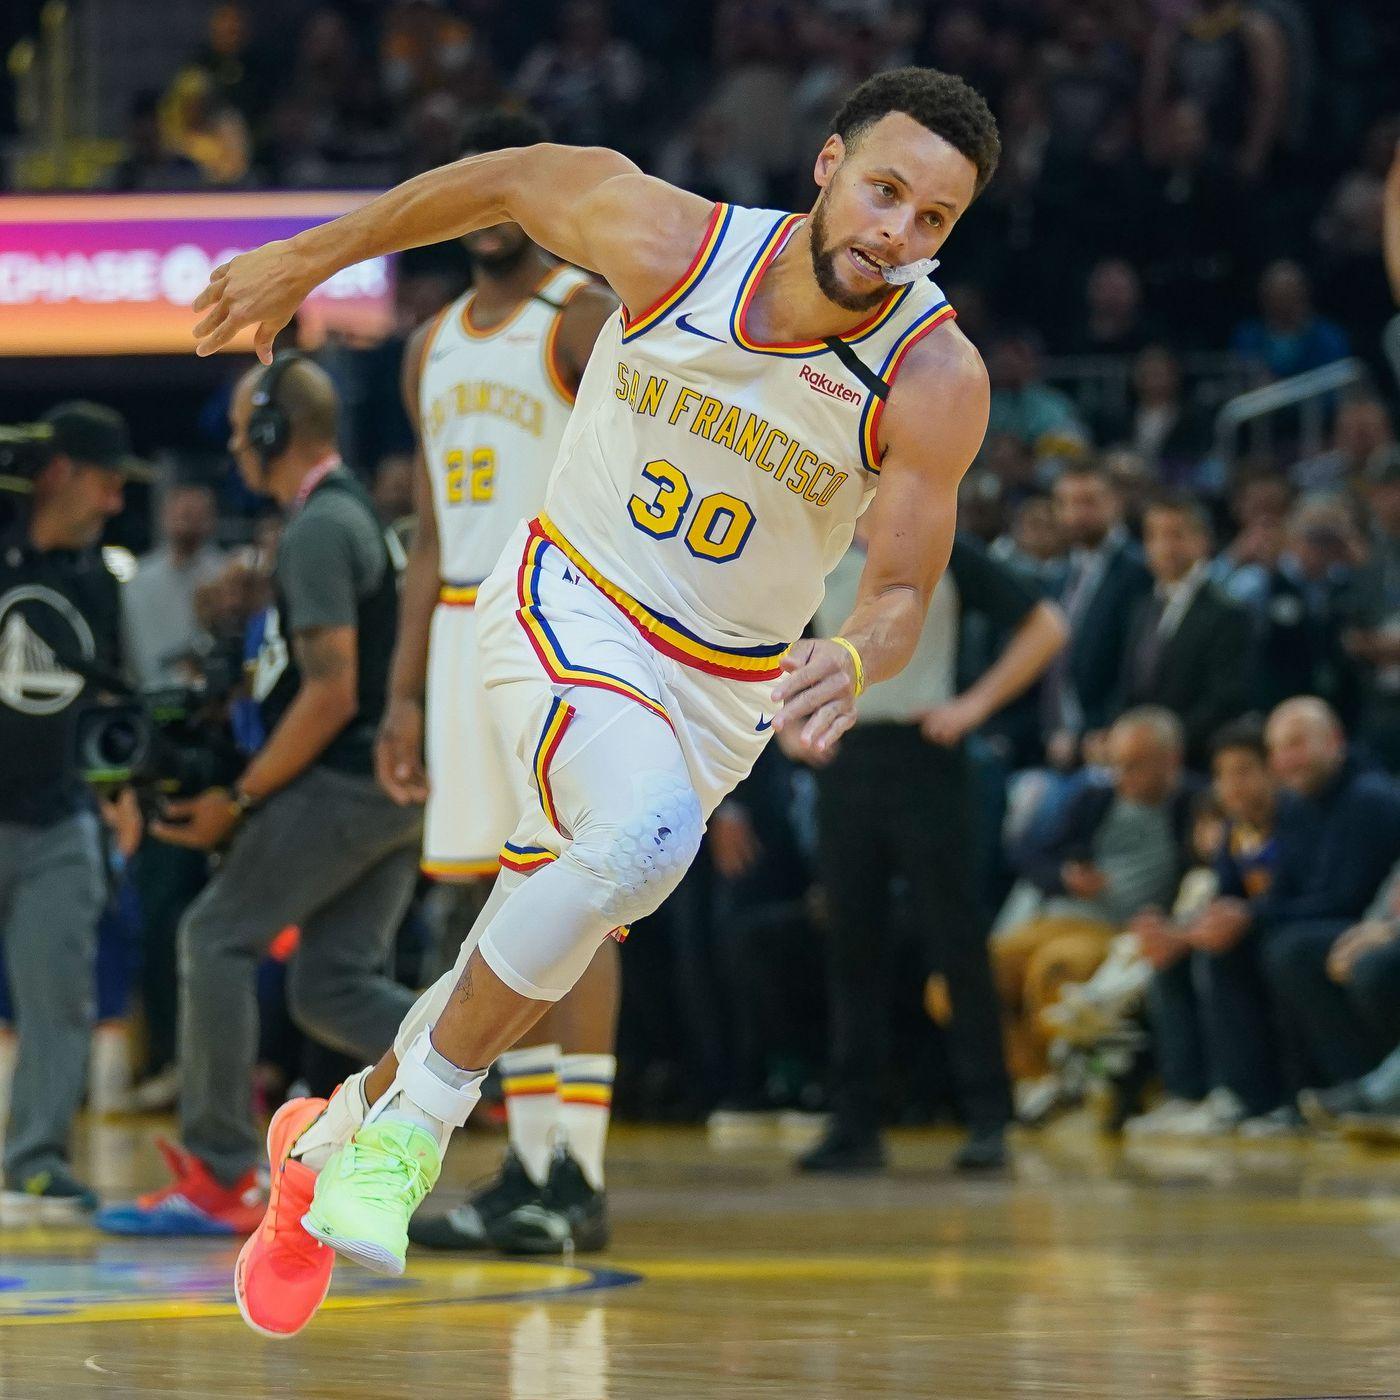 Stephen Curry S Return To The Warriors Felt Like He Never Left Sbnation Com